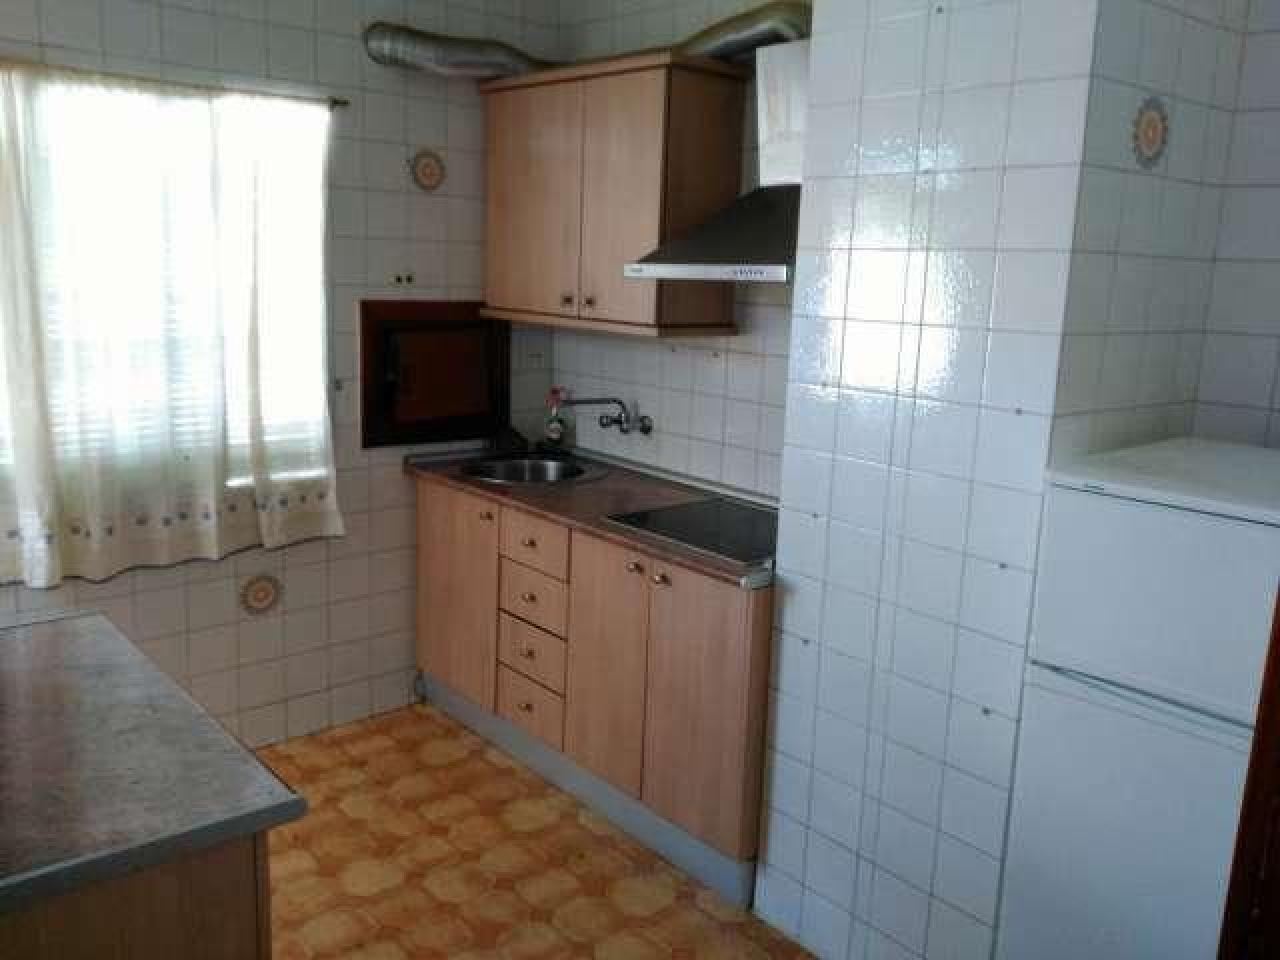 Alquiler de apartamentos Plasencia, Cáceres